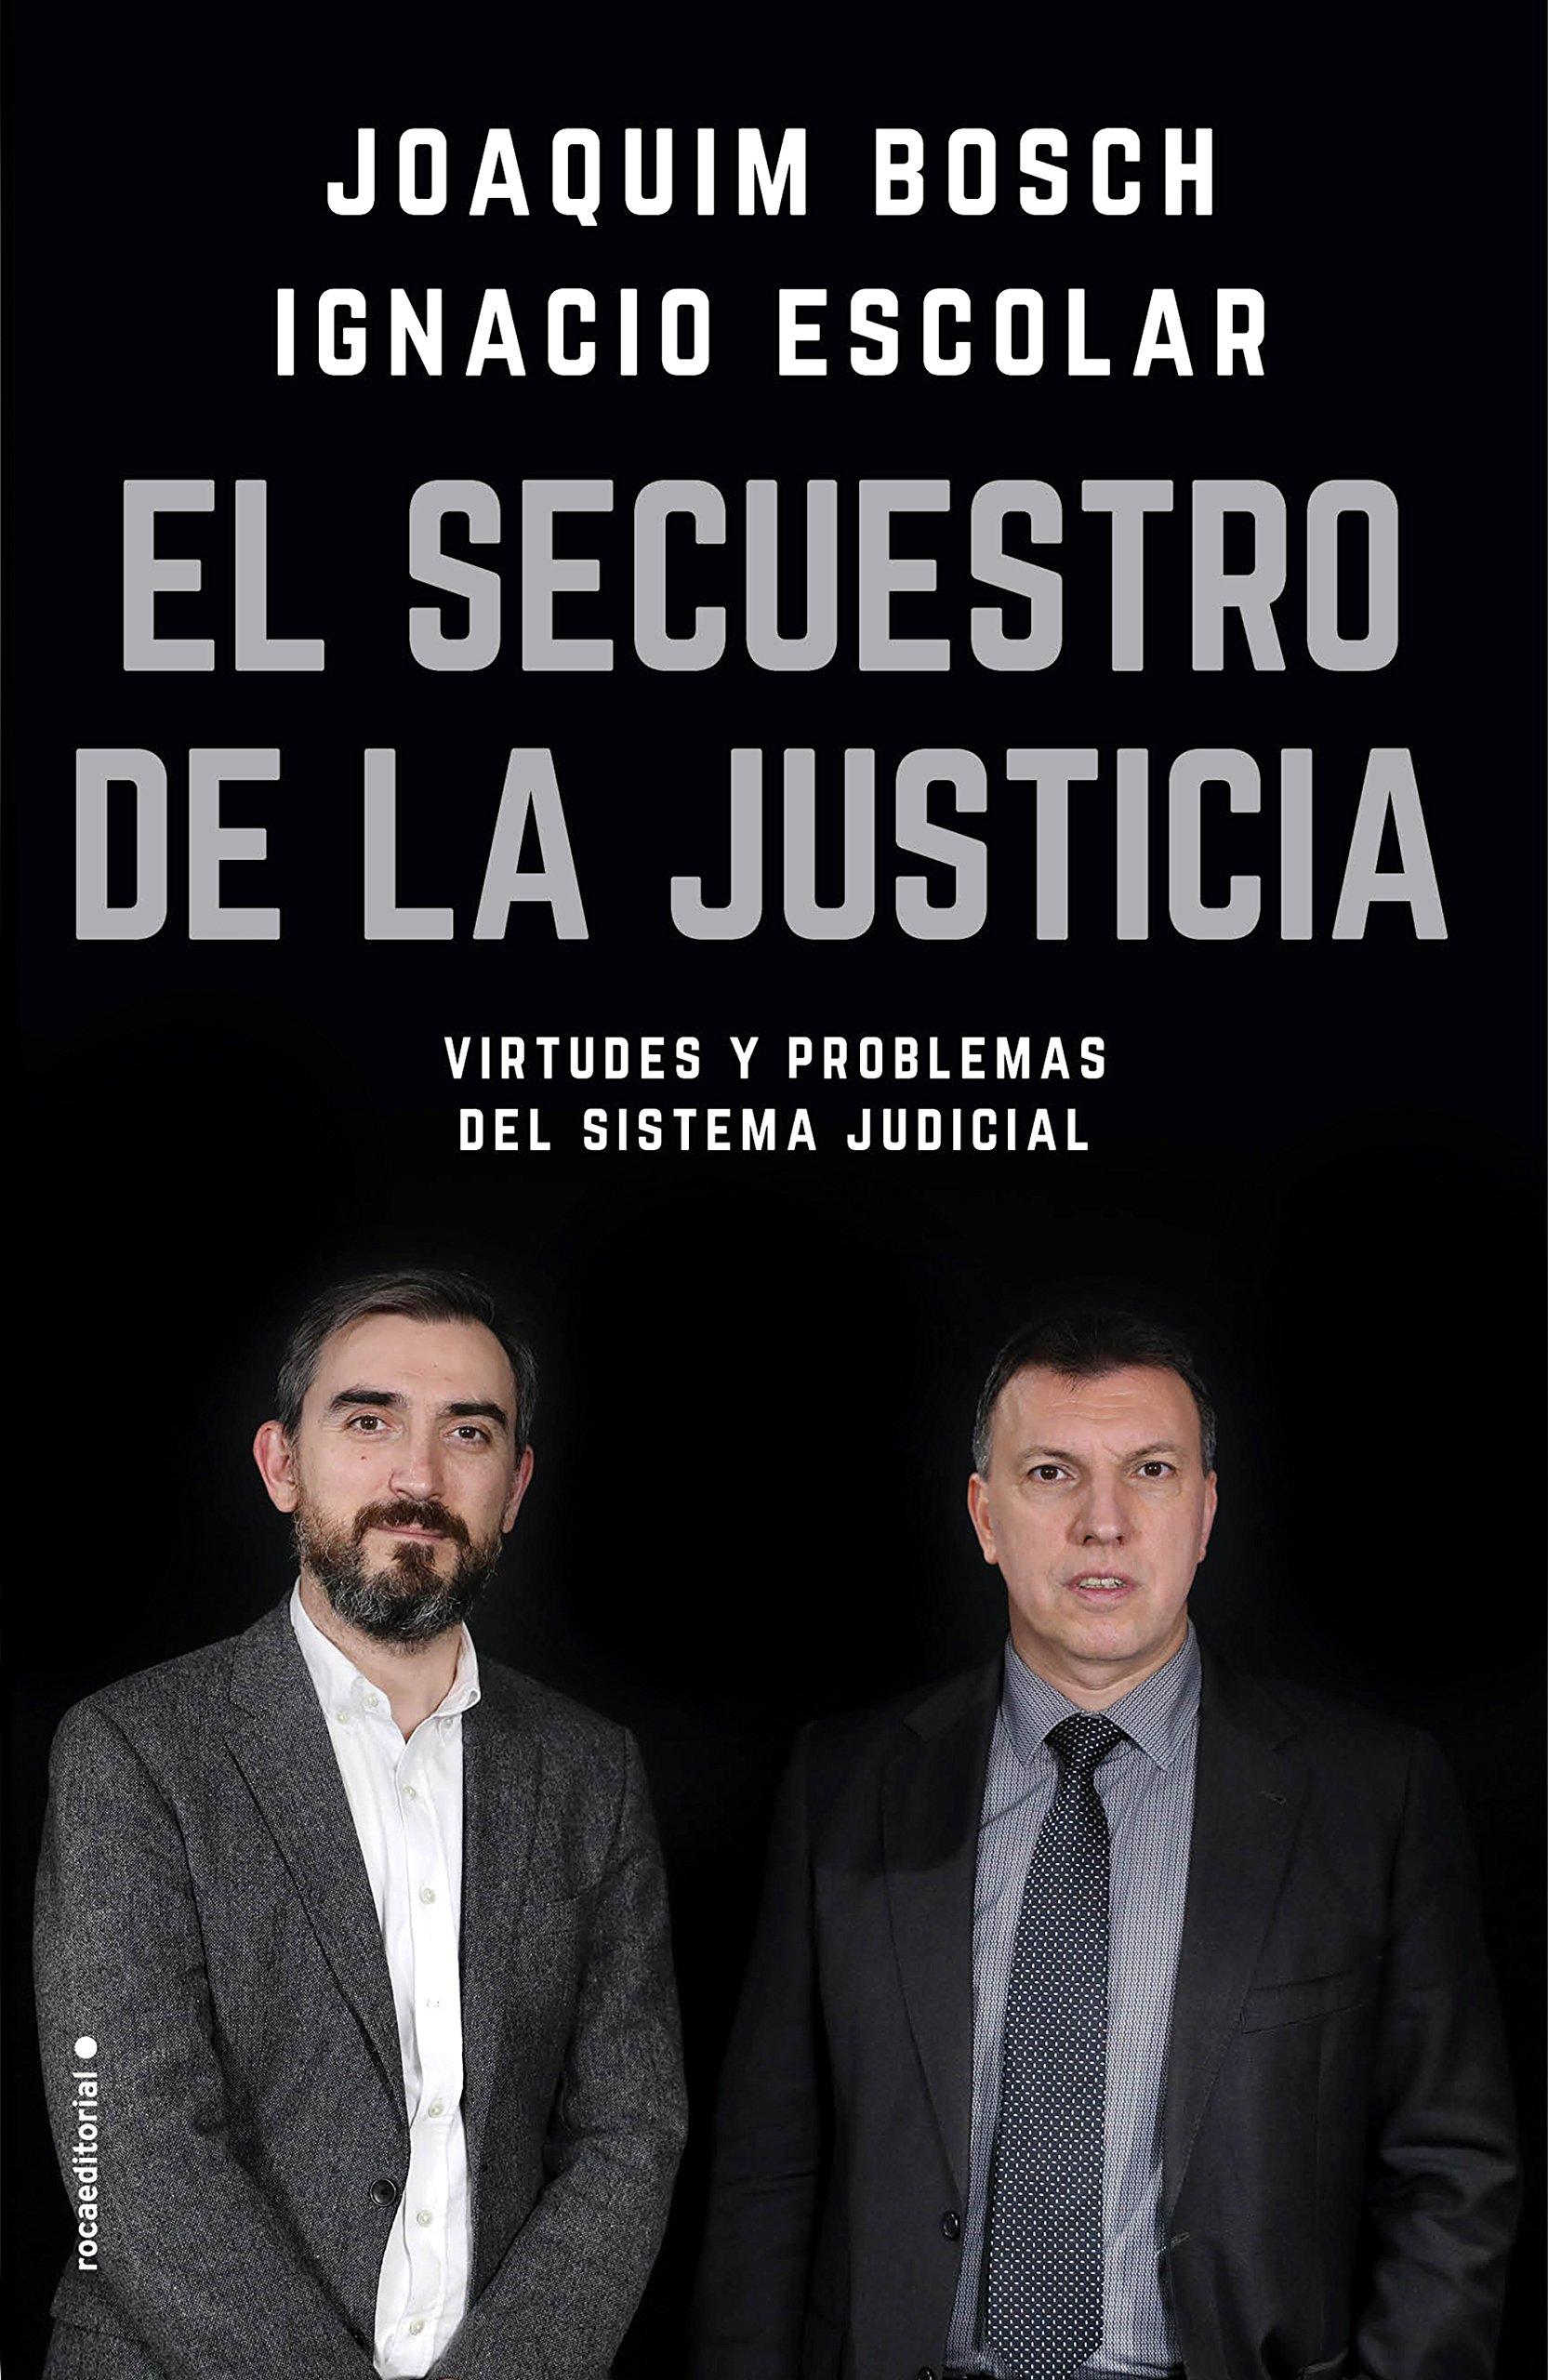 El secuestro de la justicia: Virtudes y problemas del sistema judicial  Eldiario.es: Amazon.es: Ignacio Escolar, Joaquim Bosch Grau: Libros